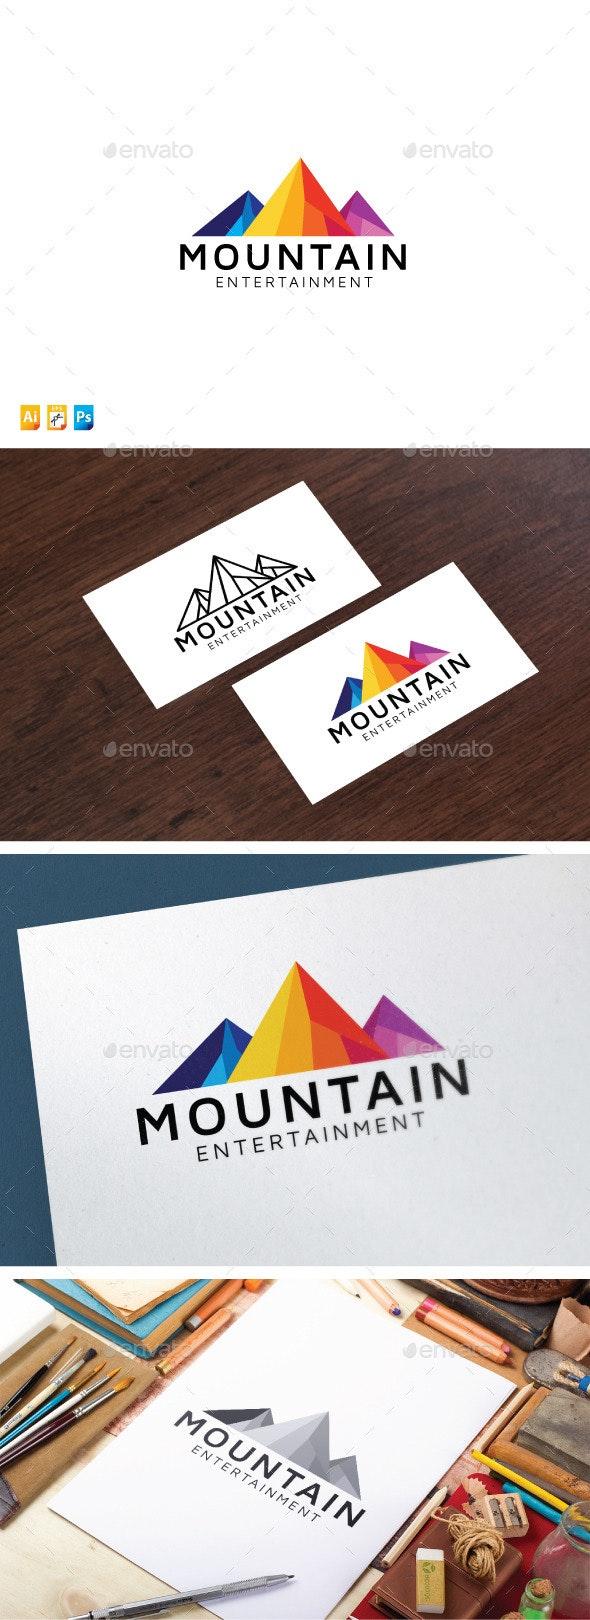 Mountain Entertainment - Nature Logo Templates